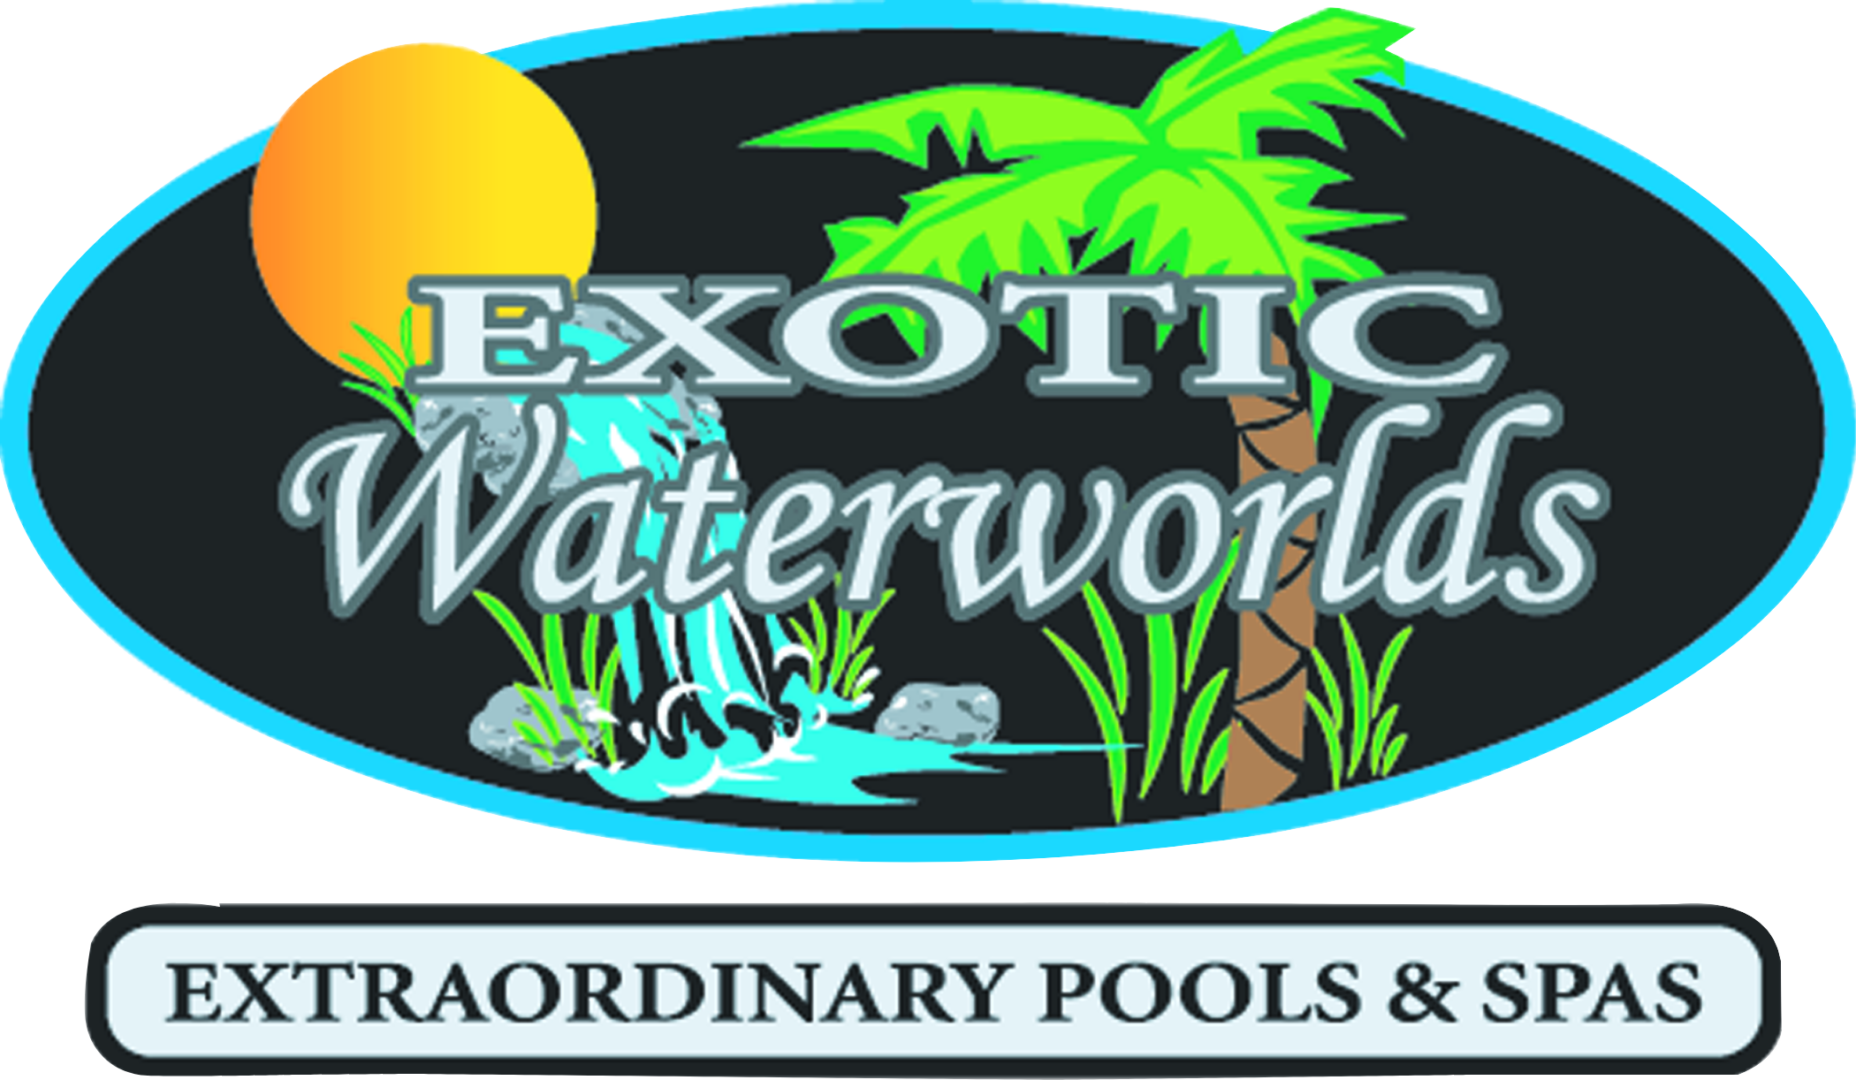 www.ExoticWaterworlds.com